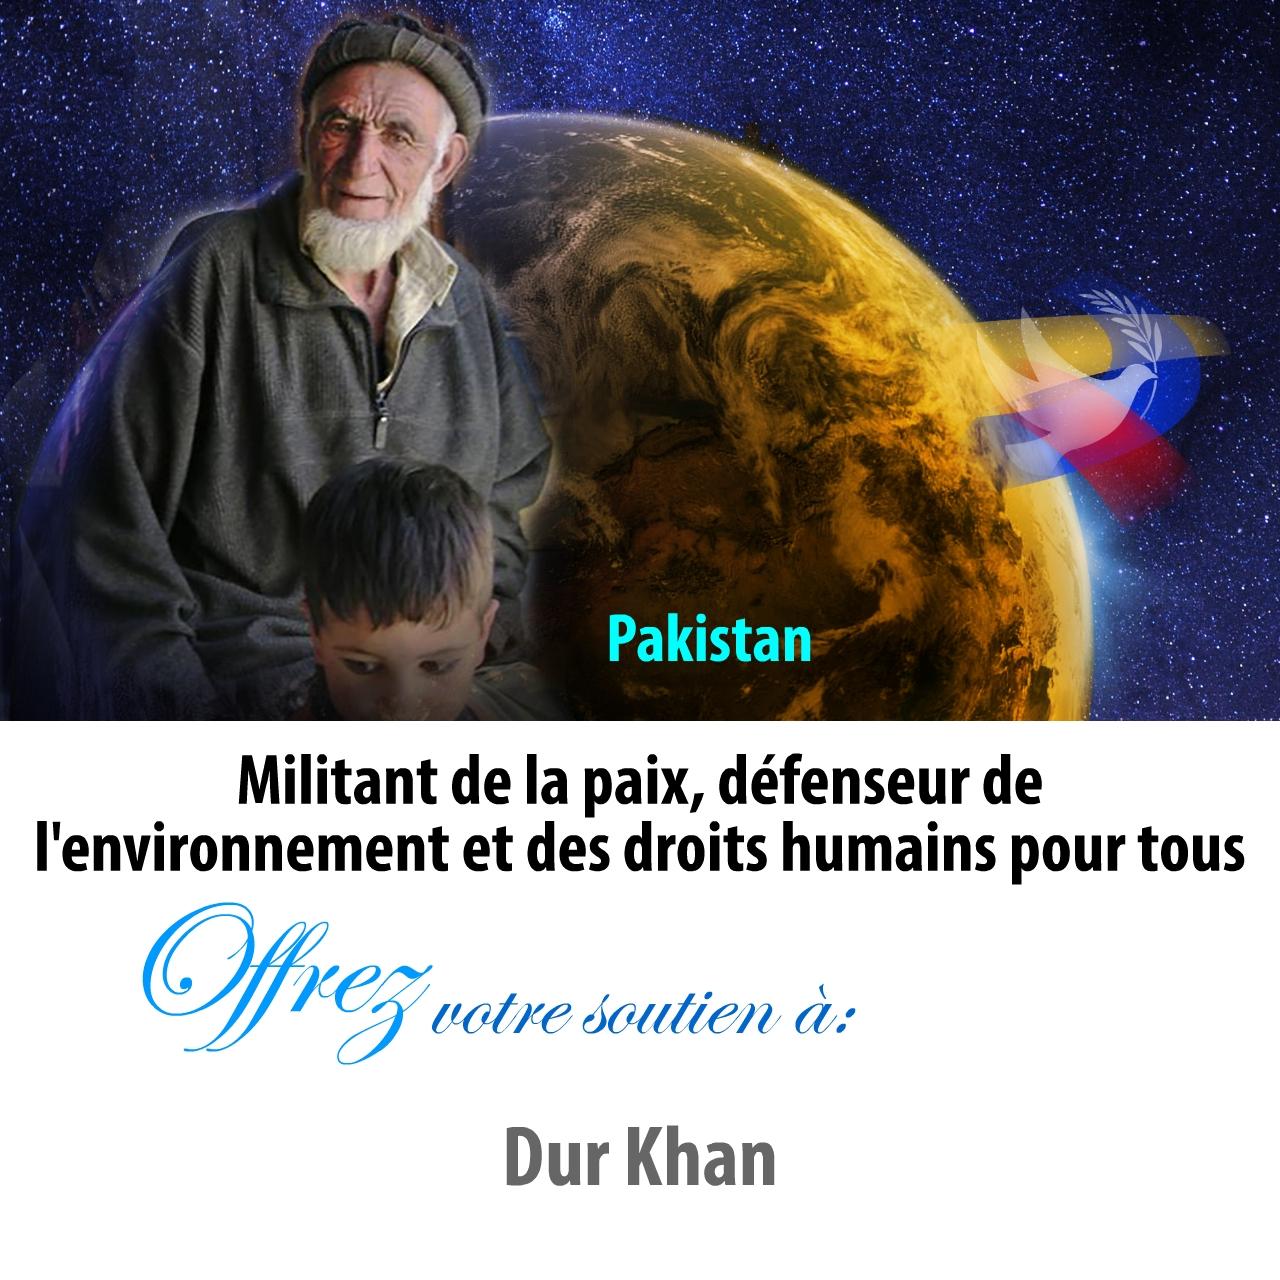 dur-khan-ppp-2018-fr